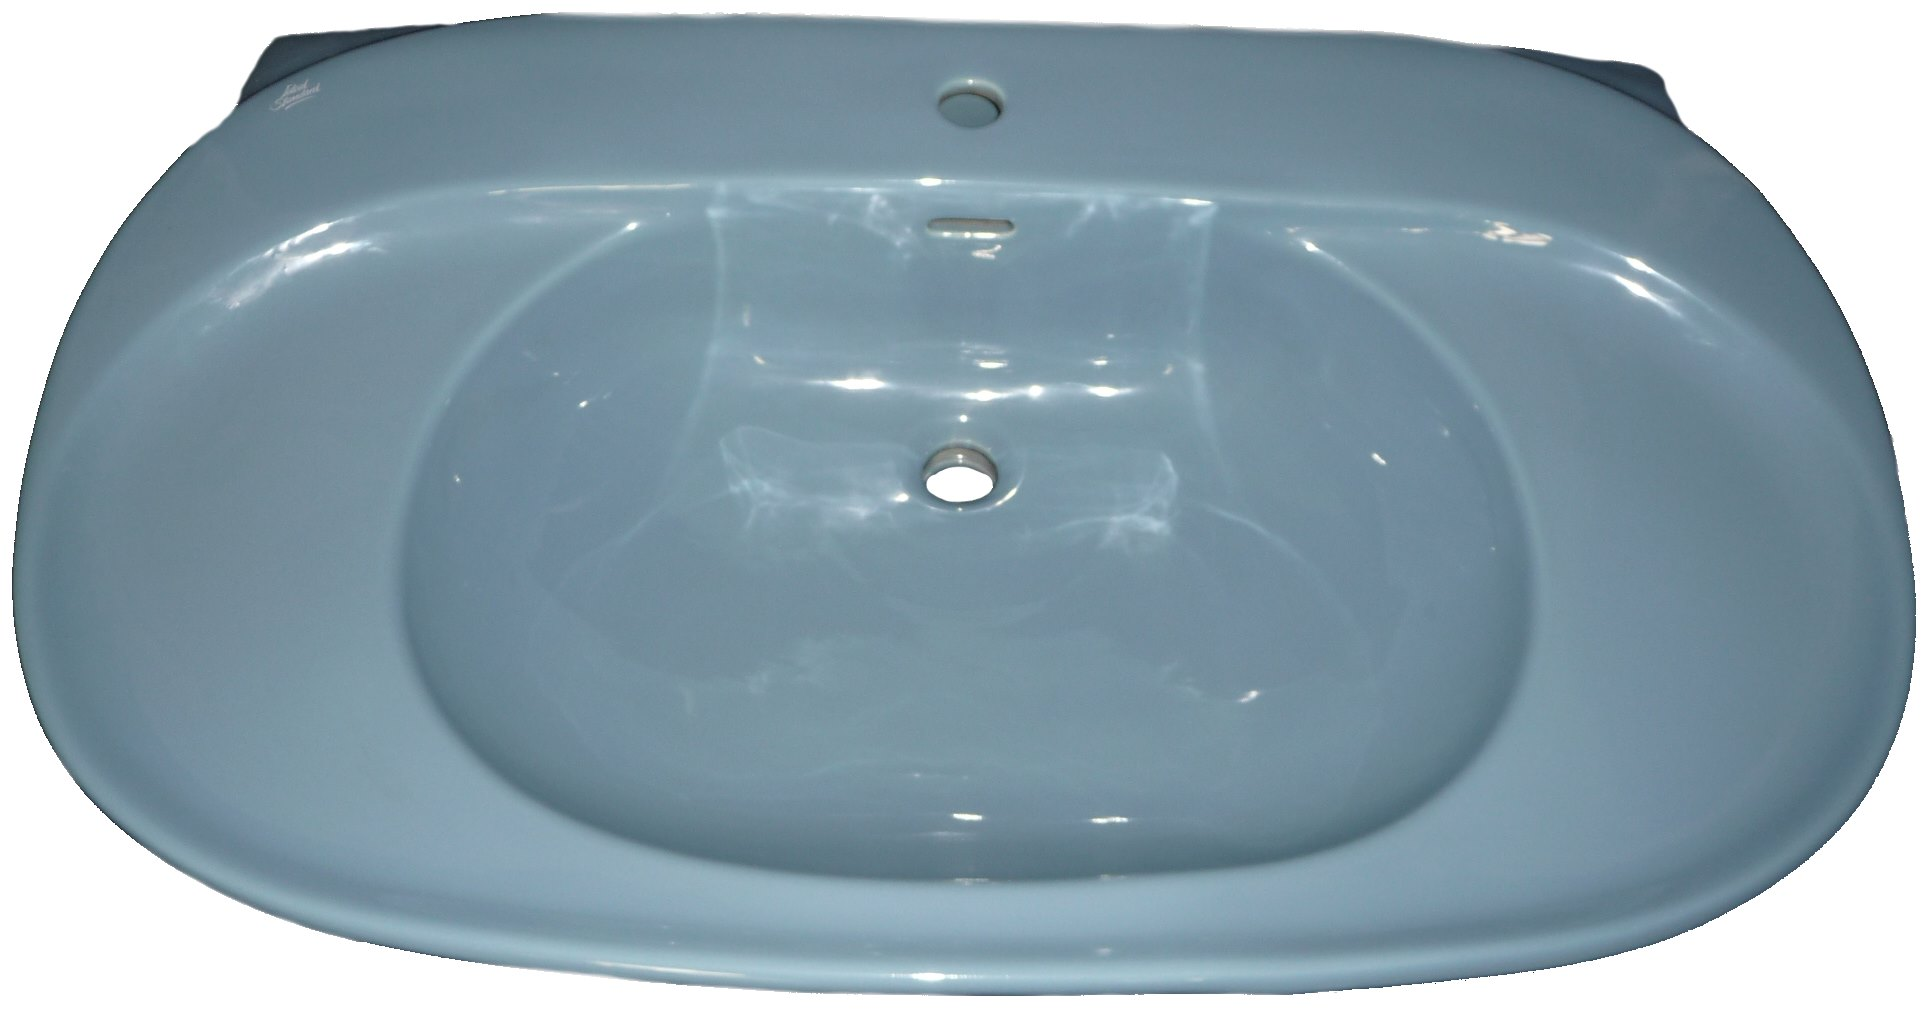 bermudablau Waschtisch 100x60 Ideal Standard INGA 927100 Bild 1